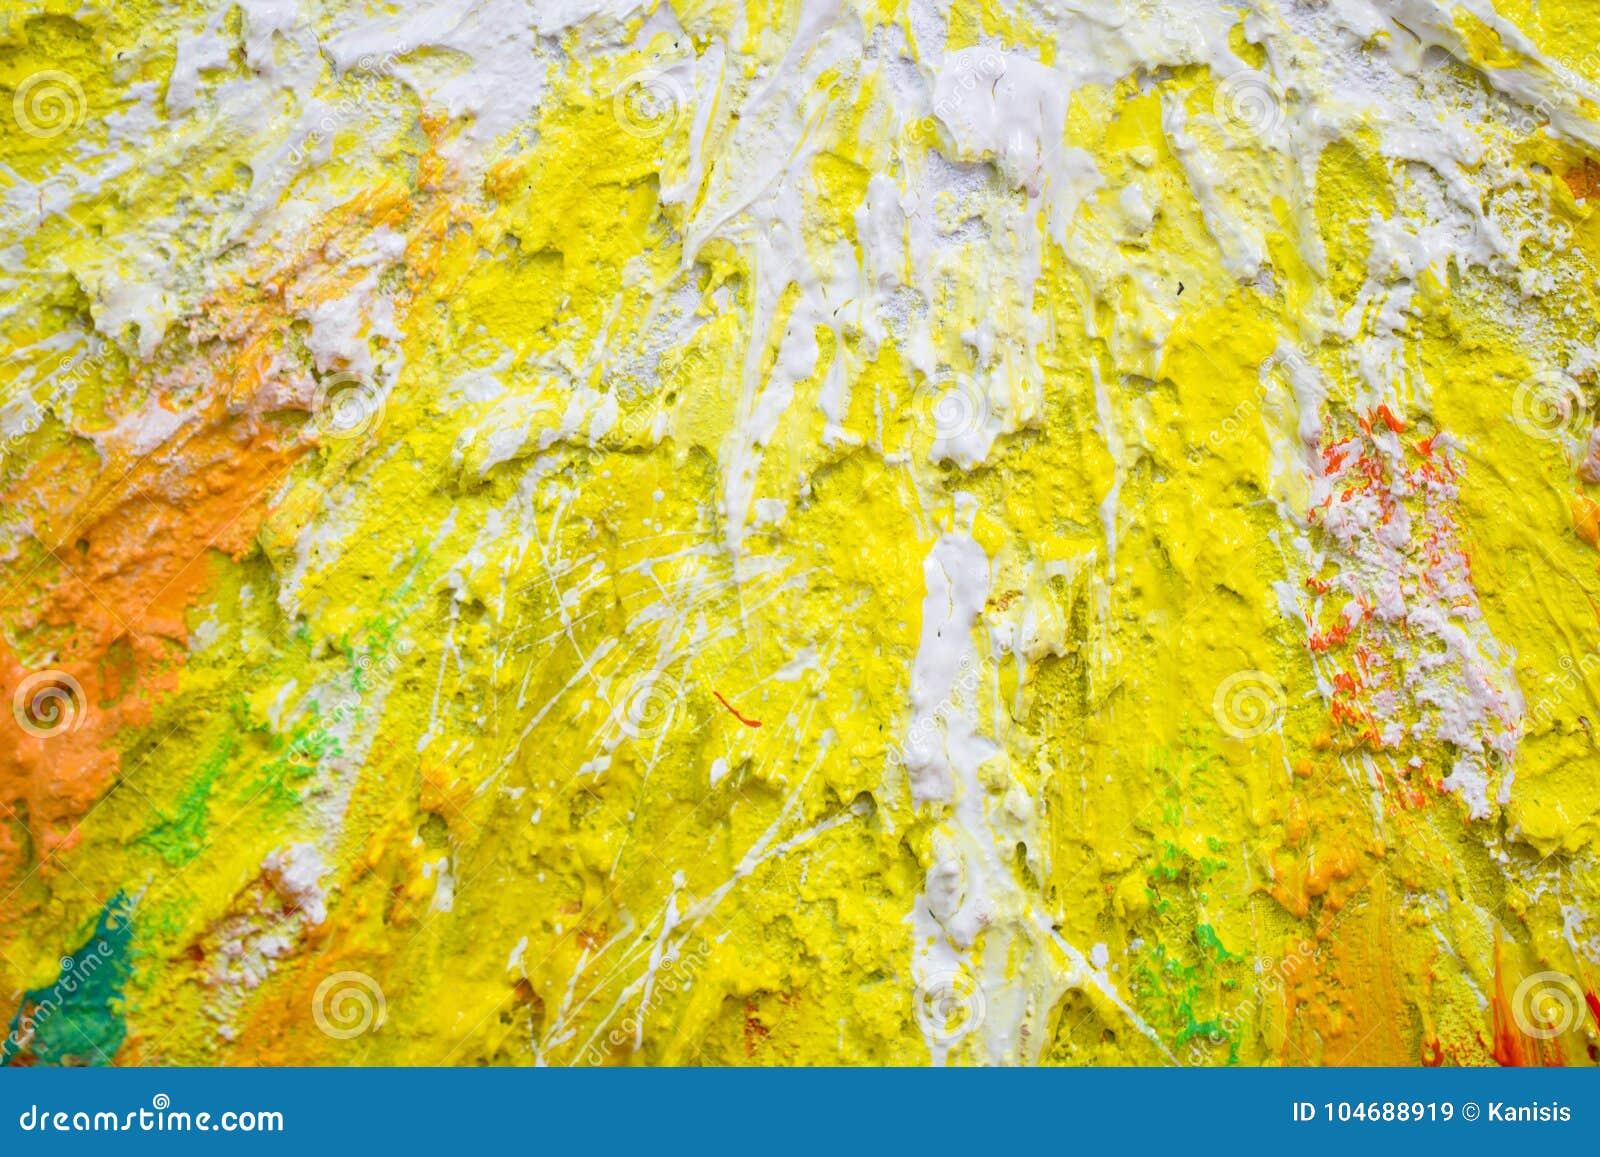 Peinture Pâteuse épaisse Et Couleur Jaune Et Blanche Abstraite Image